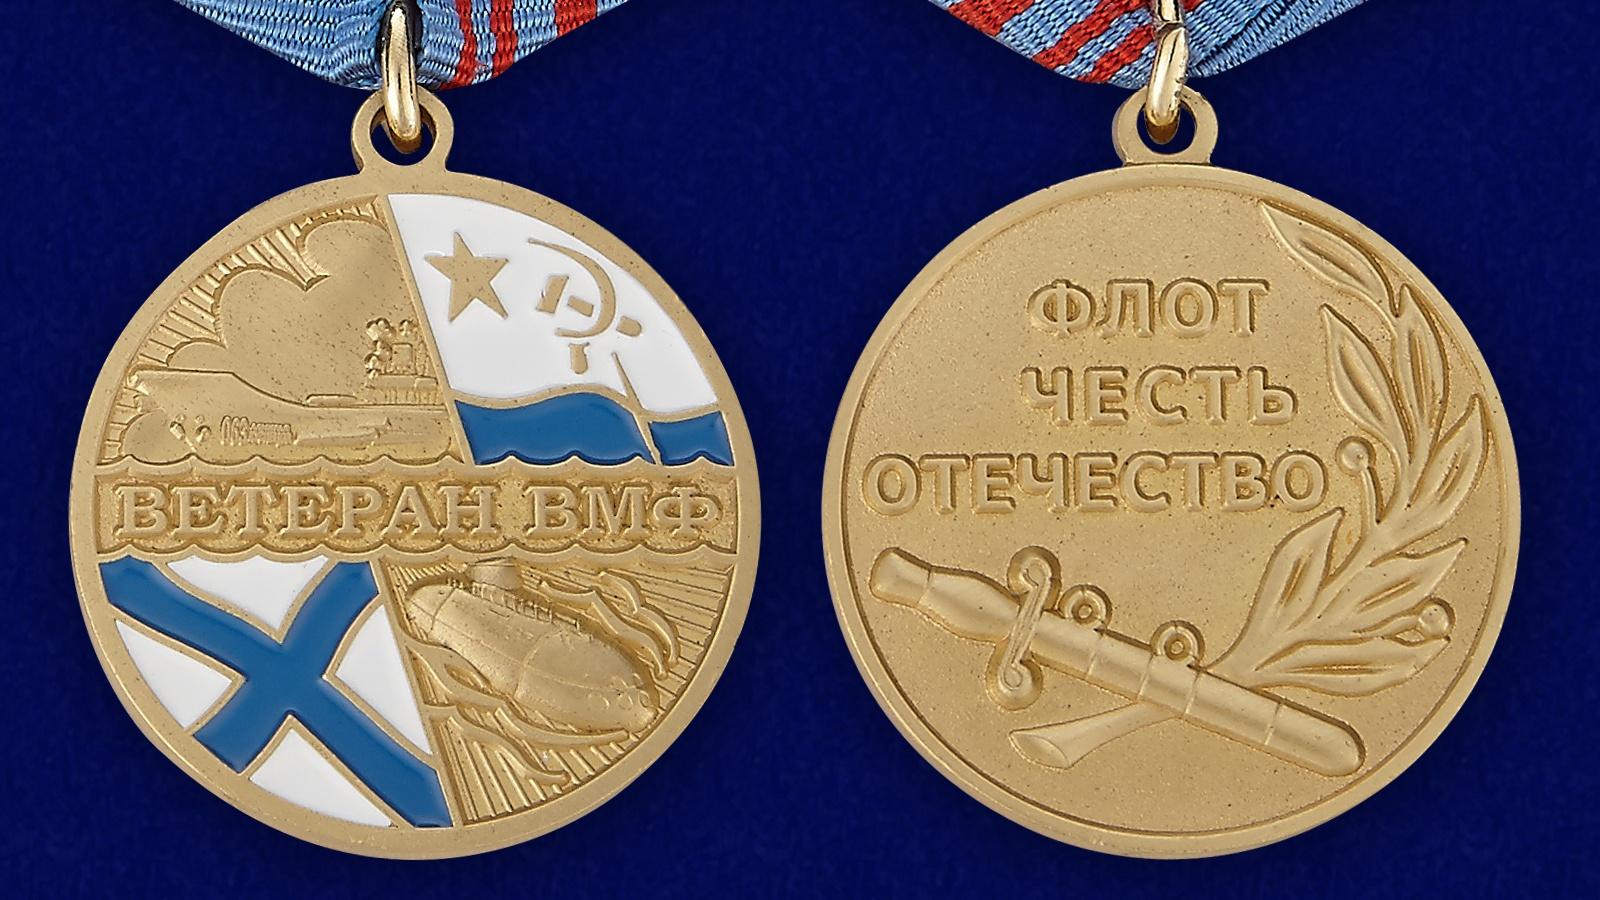 Медаль Ветерану ВМФ России в бархатистом футляре с пластиковой крышкой - аверс и реверс